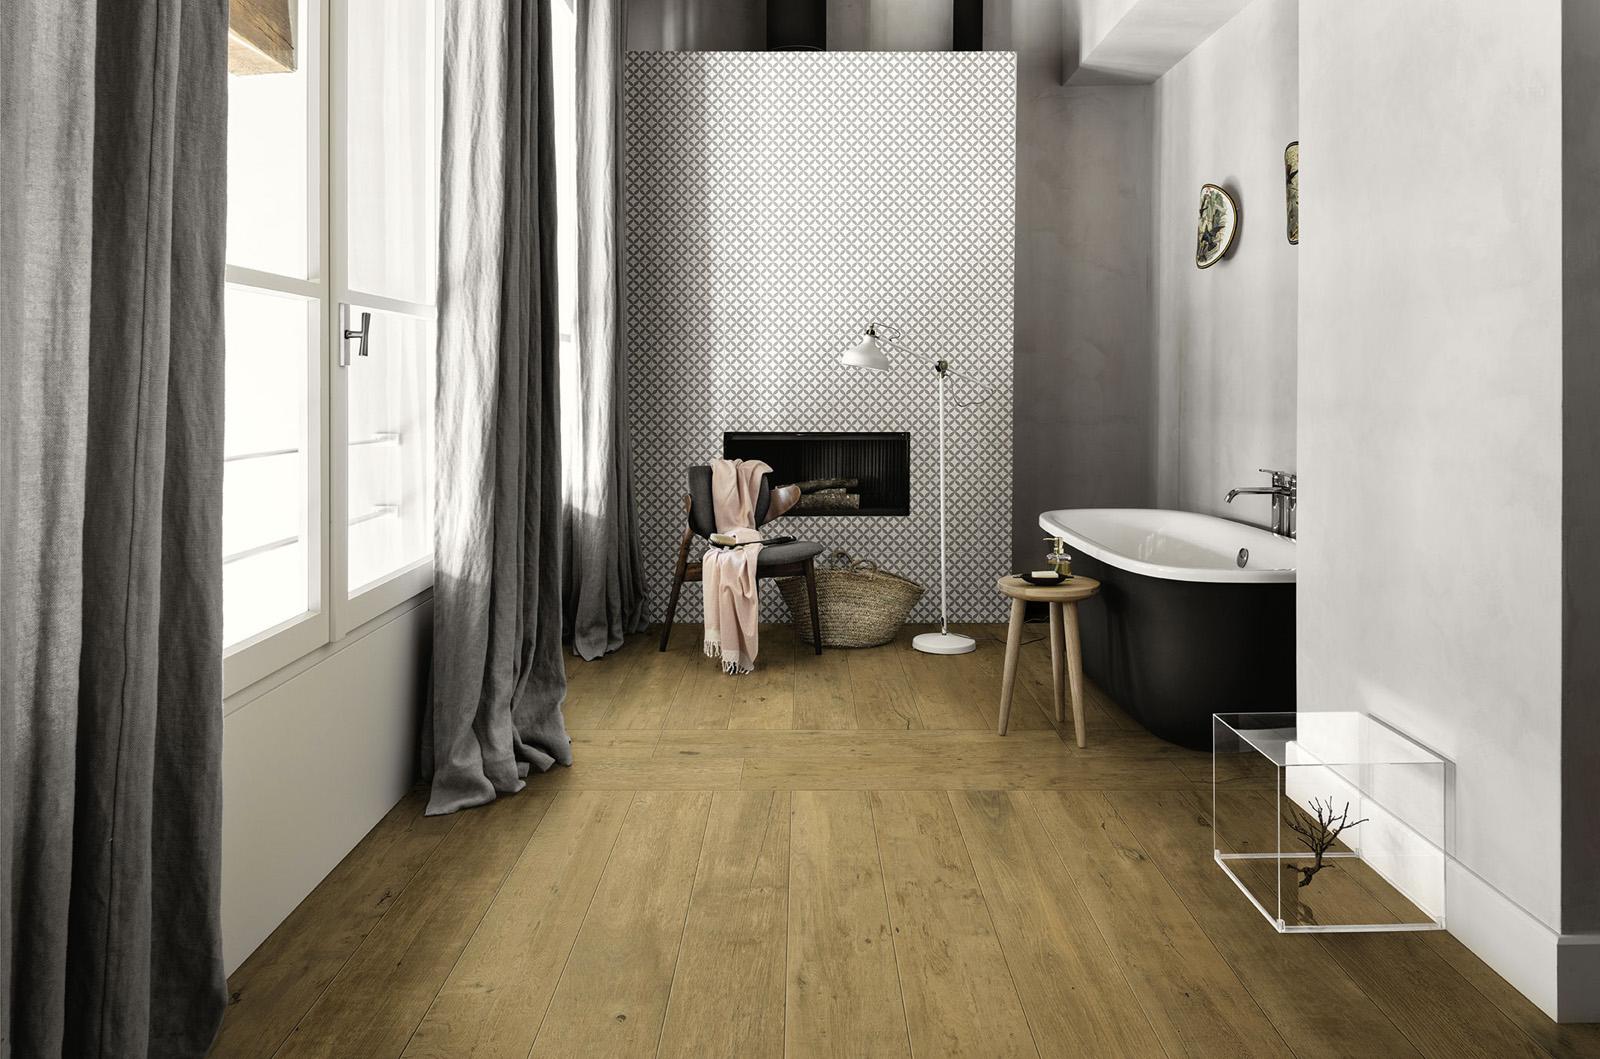 mattonelle per bagno: ceramica e gres porcellanato | marazzi - Arredo Bagno Marazzi